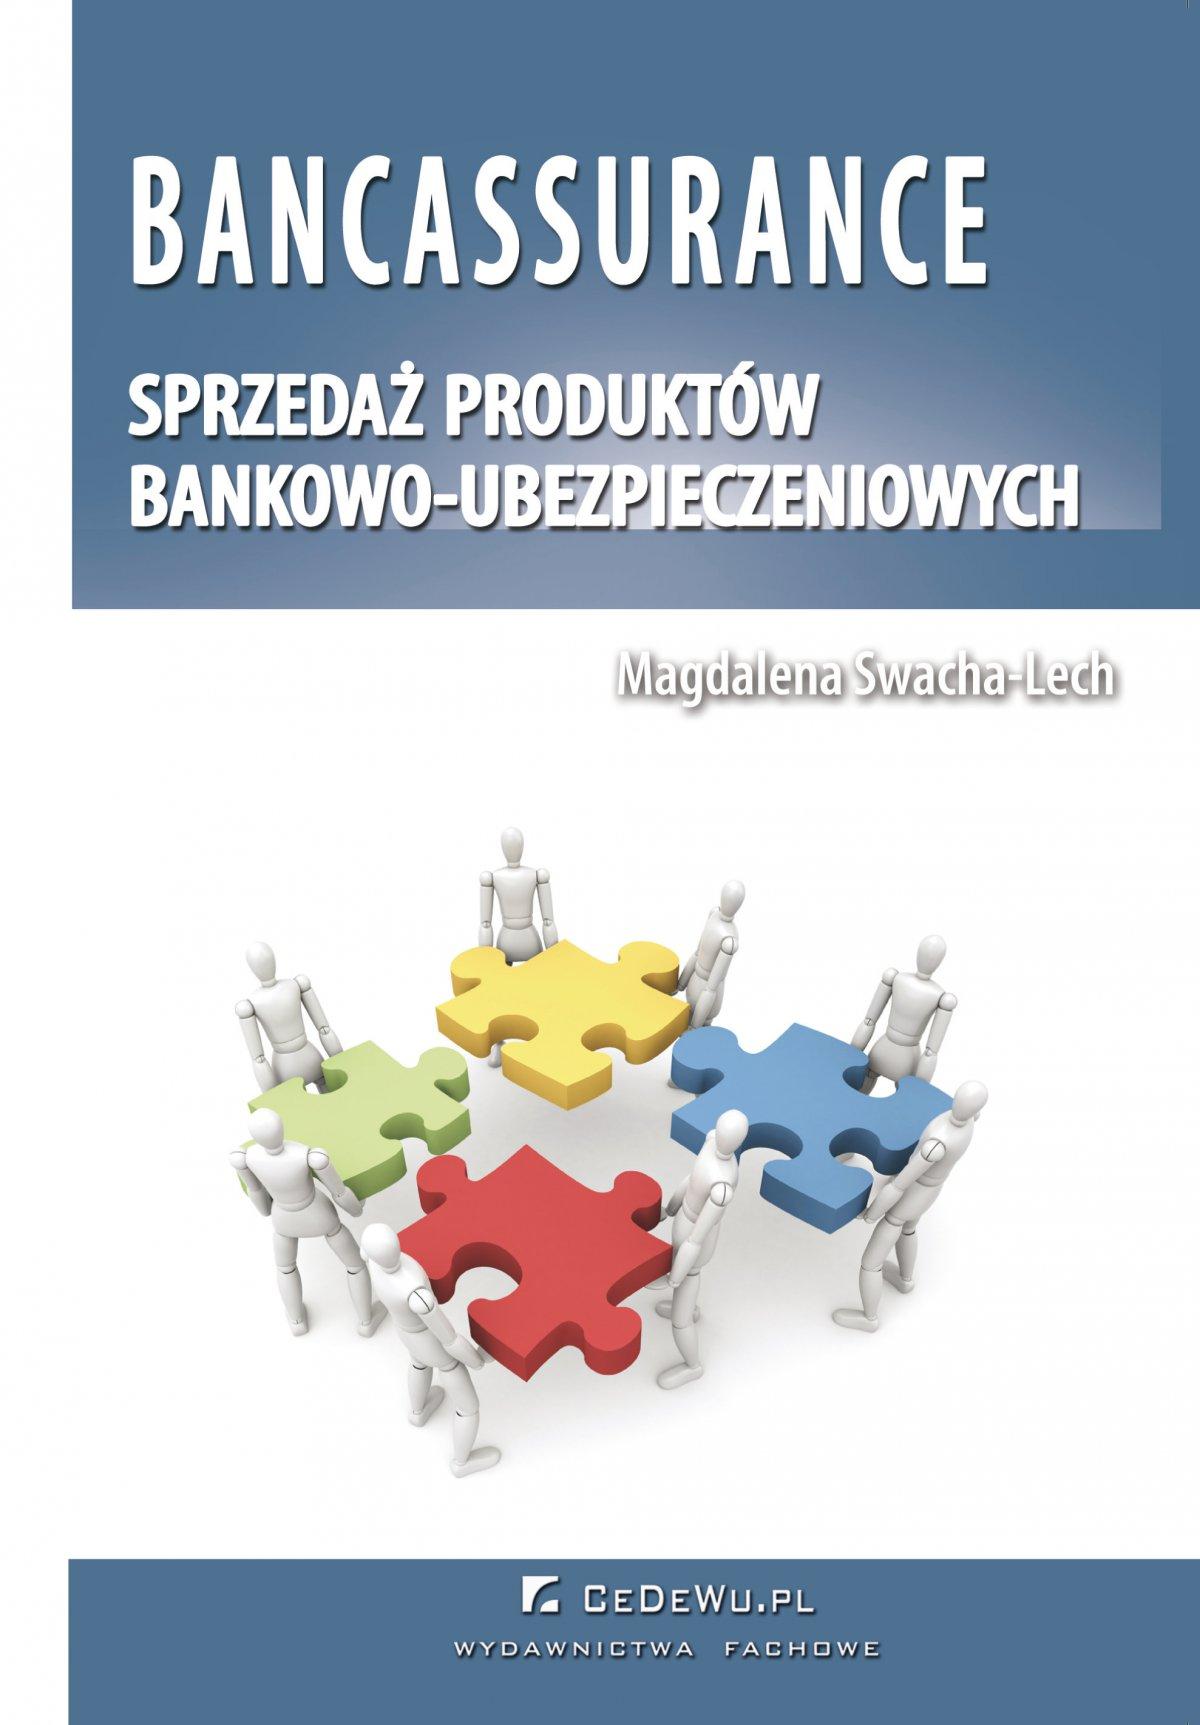 Bancassurance. Sprzedaż produktów bankowo-ubezpieczeniowych. Rozdział 4. Korzyści i zagrożenia związane z rozwojem powiązań bankowo-ubezpieczeniowych typu bancassurance - Ebook (Książka PDF) do pobrania w formacie PDF